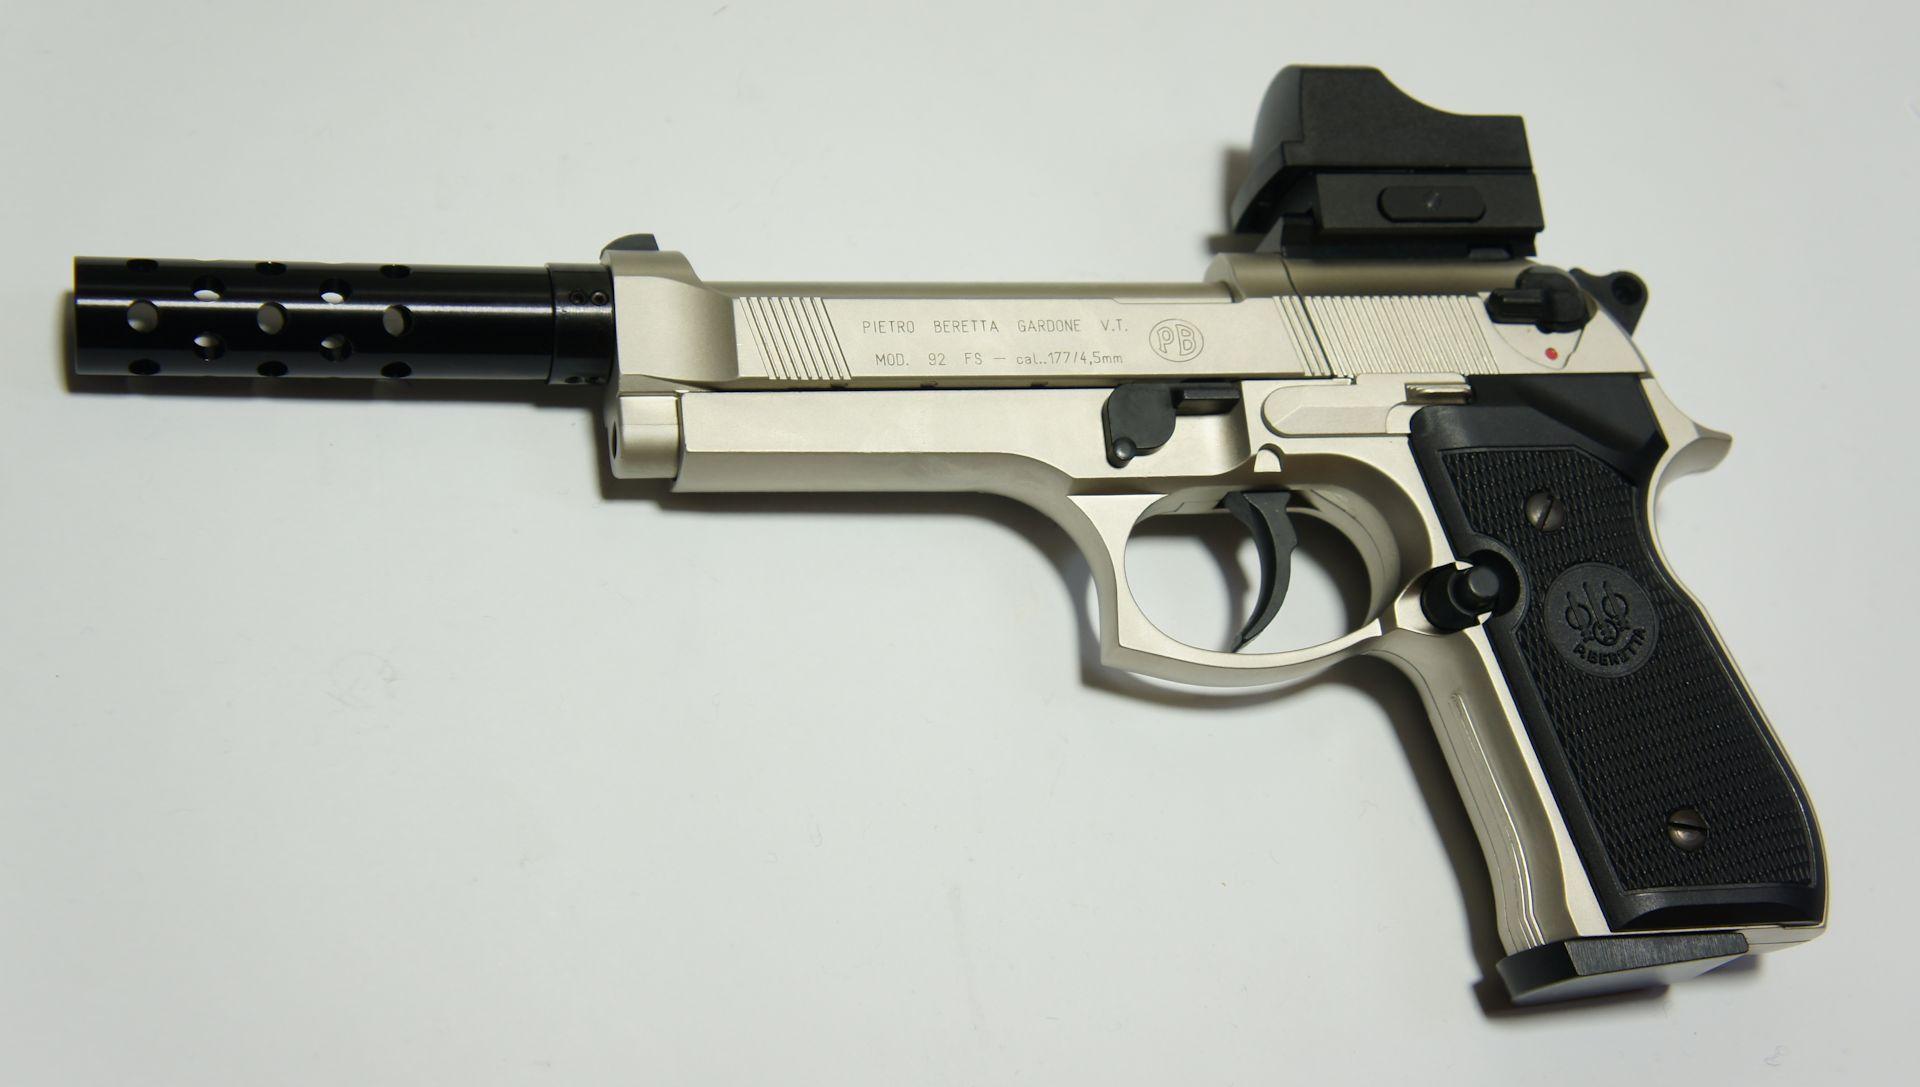 Hier sehen Sie den Schalldämpferadapter in Kombination mit der CO2 Beretta M92 und einem <a href=1165811.htm>Kompensator</a>.